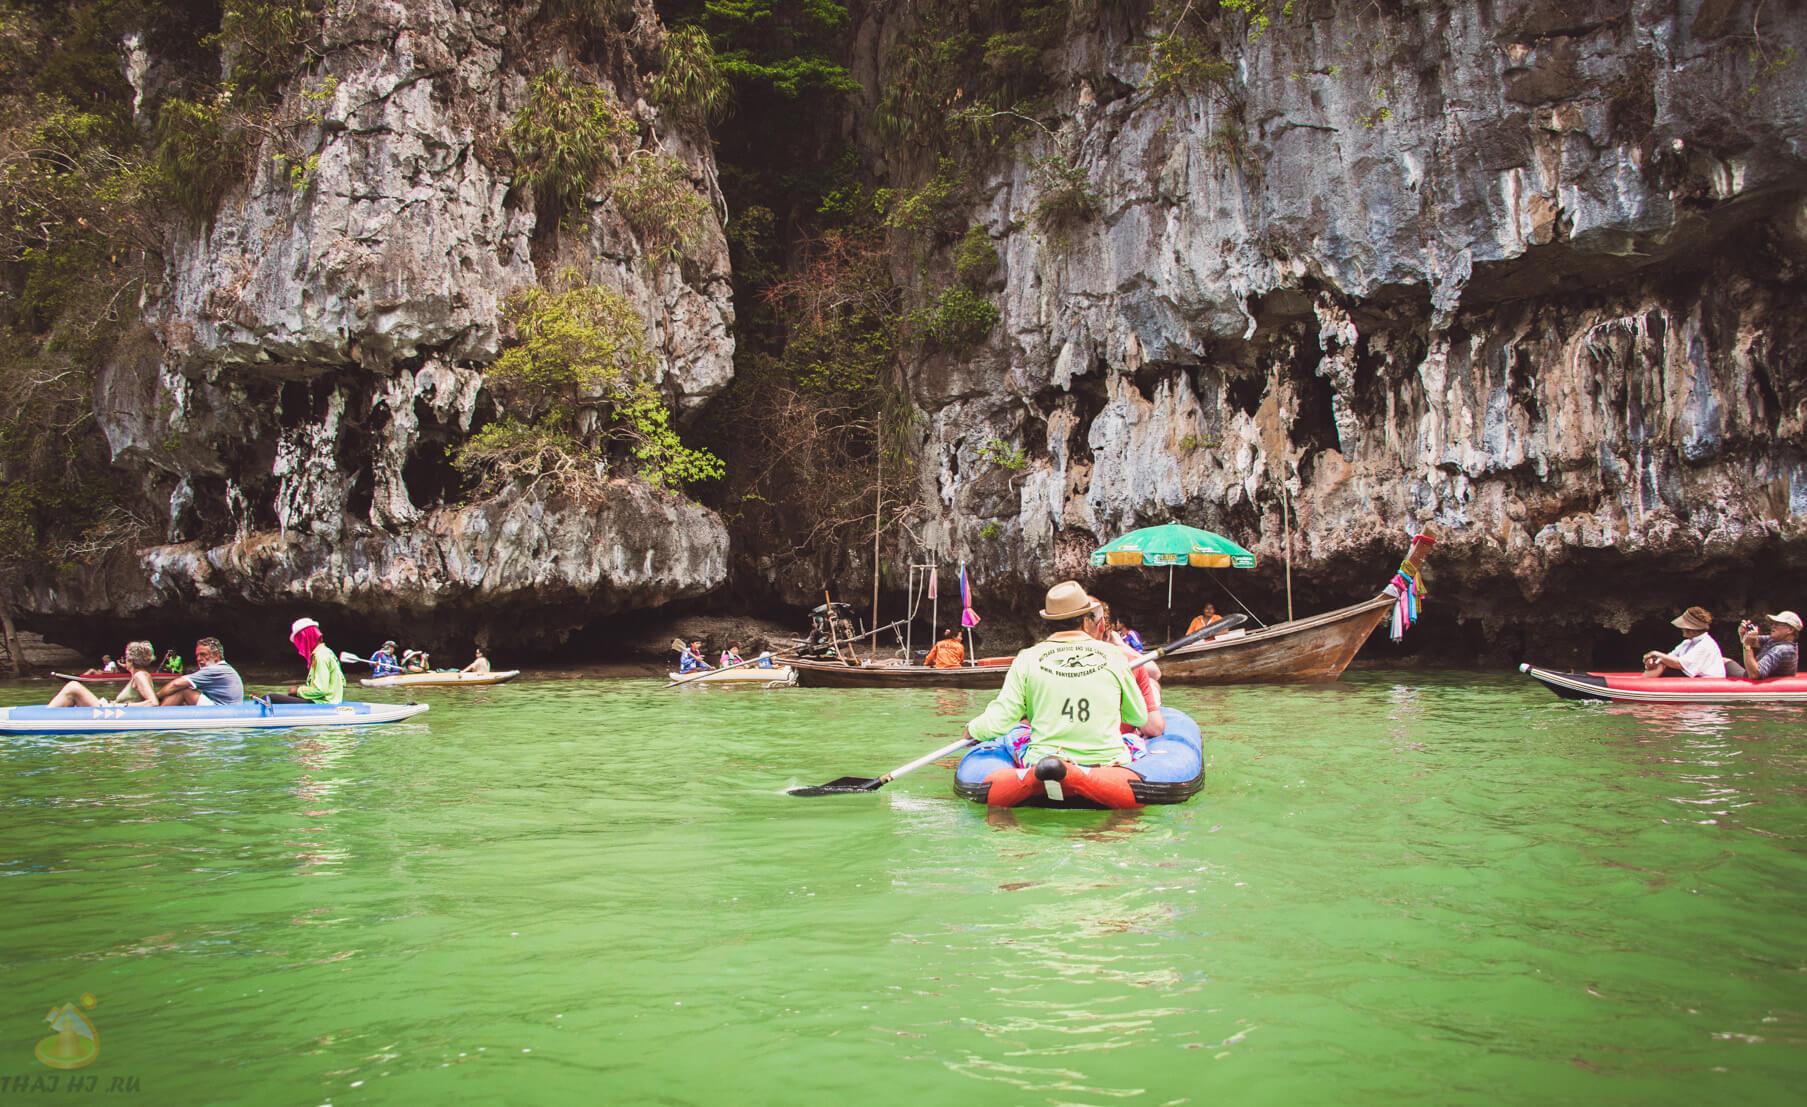 Катание на каноэ между скал, Пханг Нга